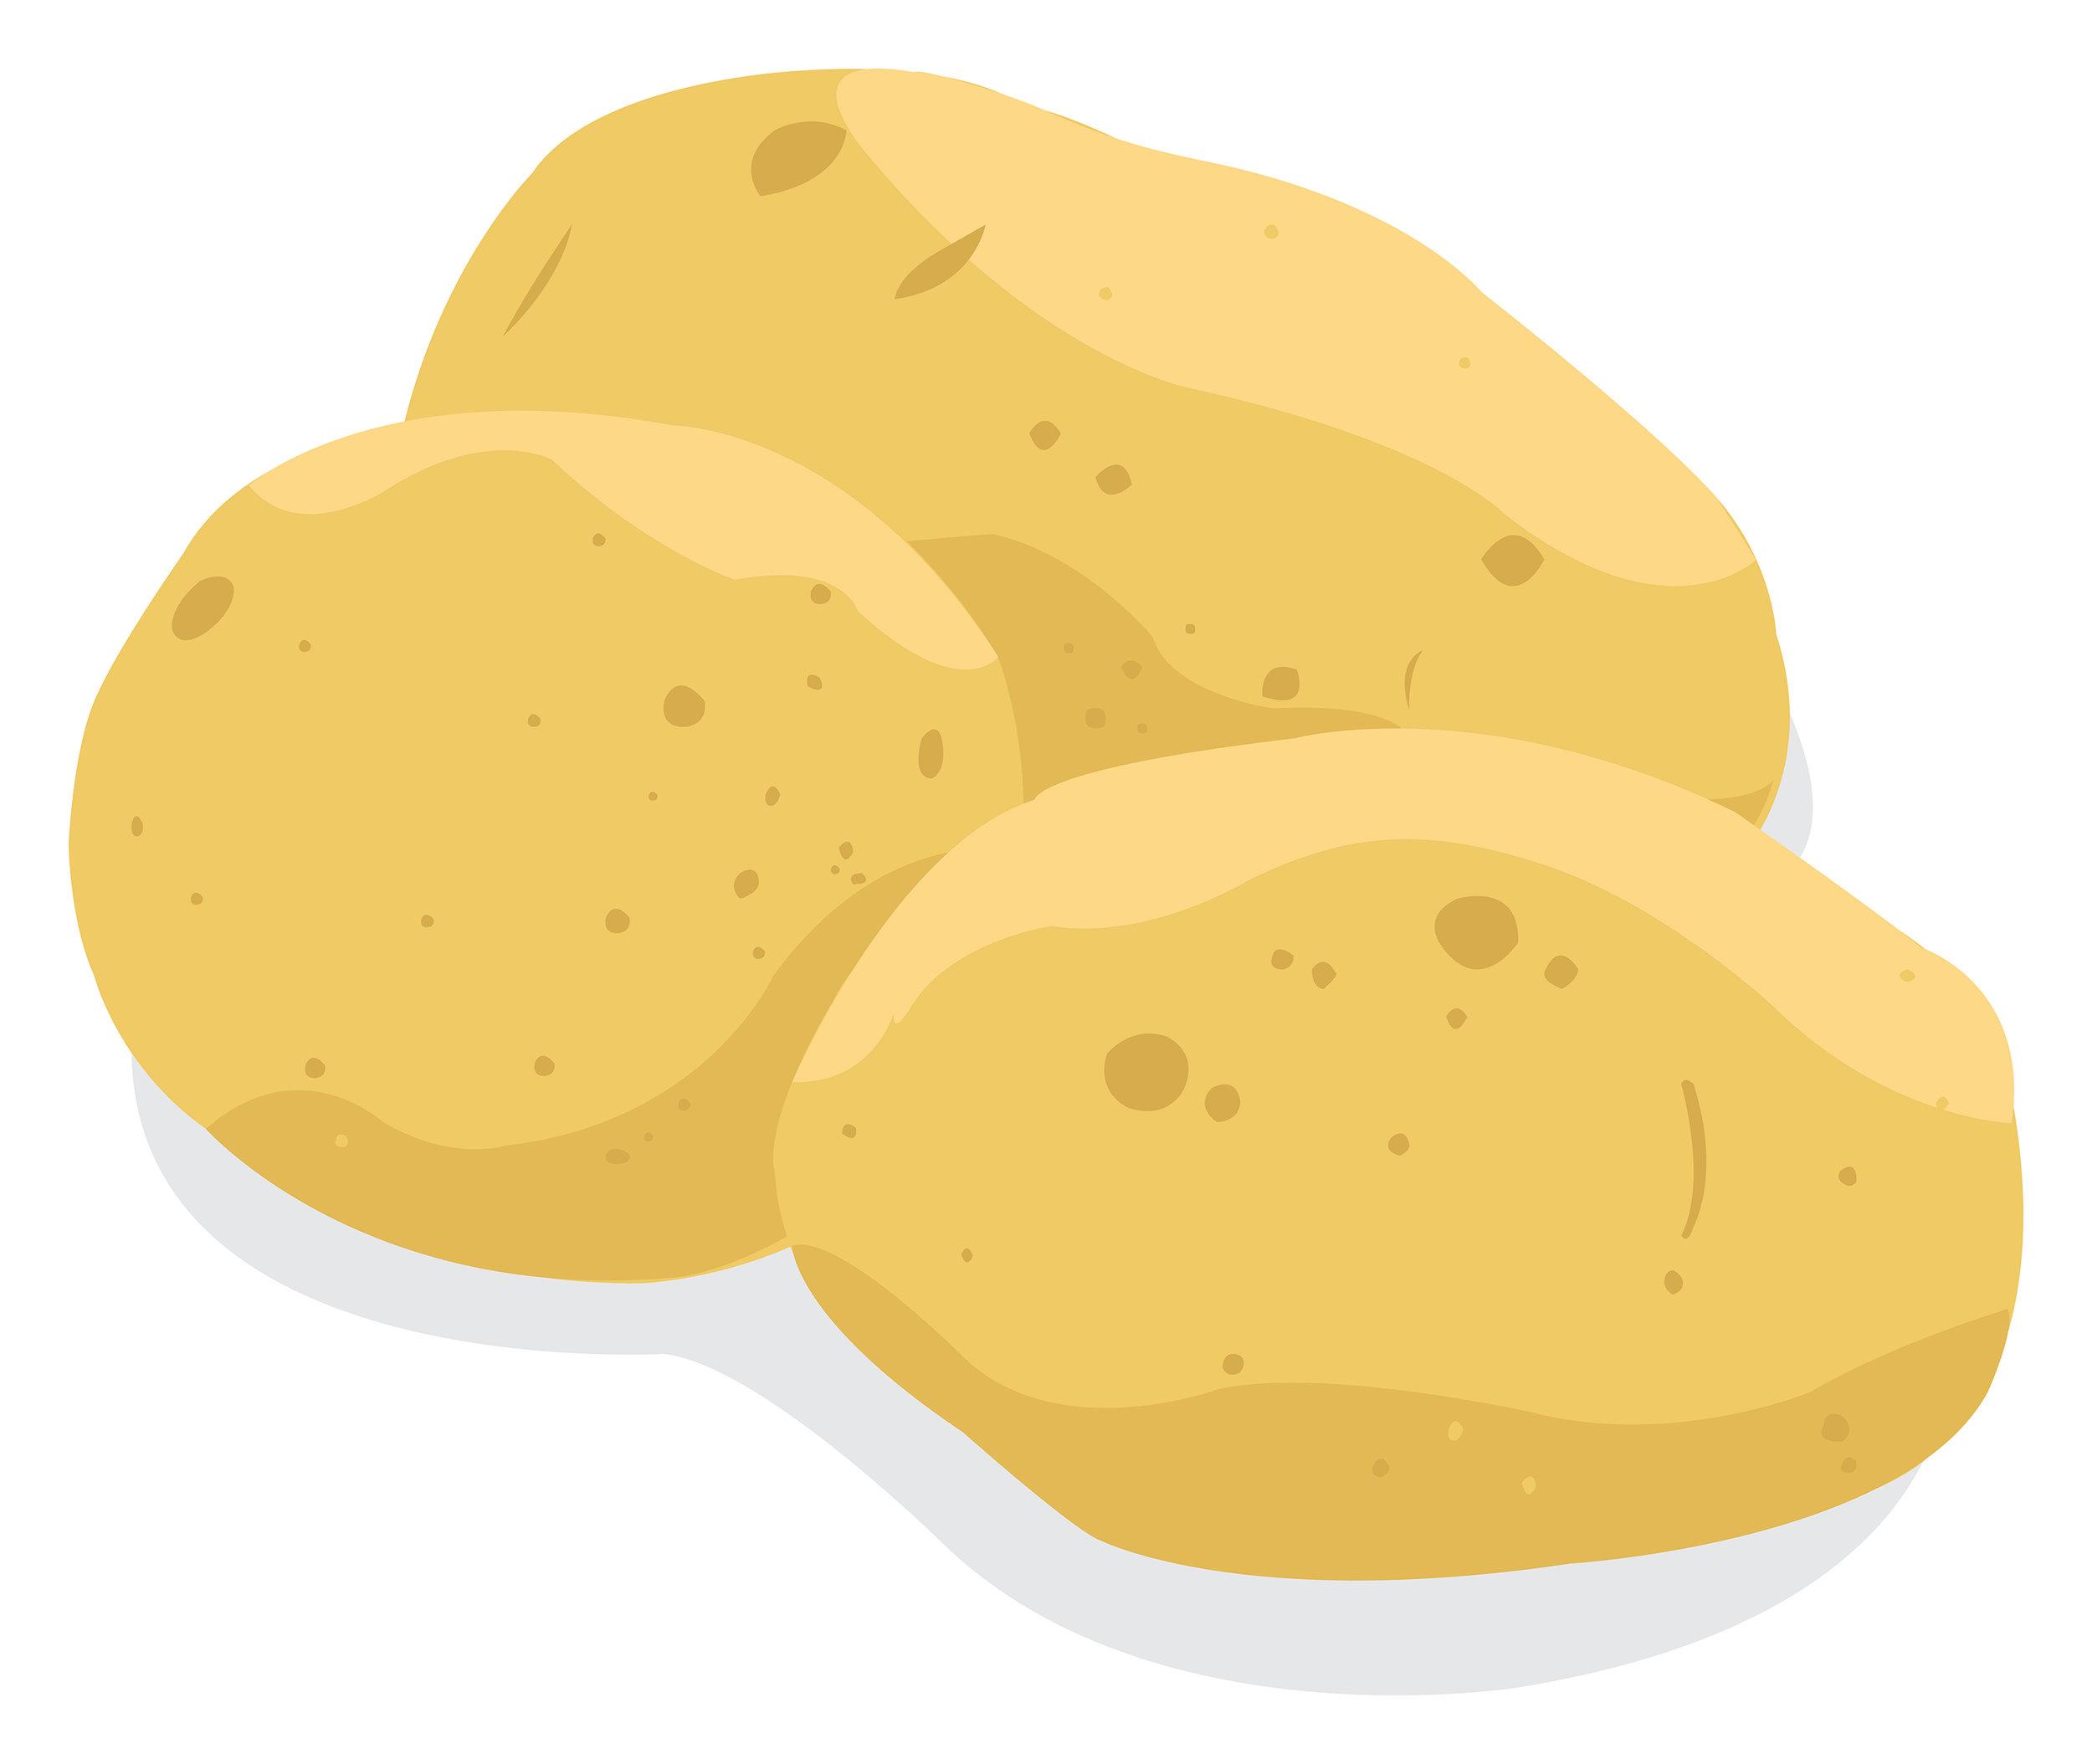 NASS_white_potatoes2.jpg